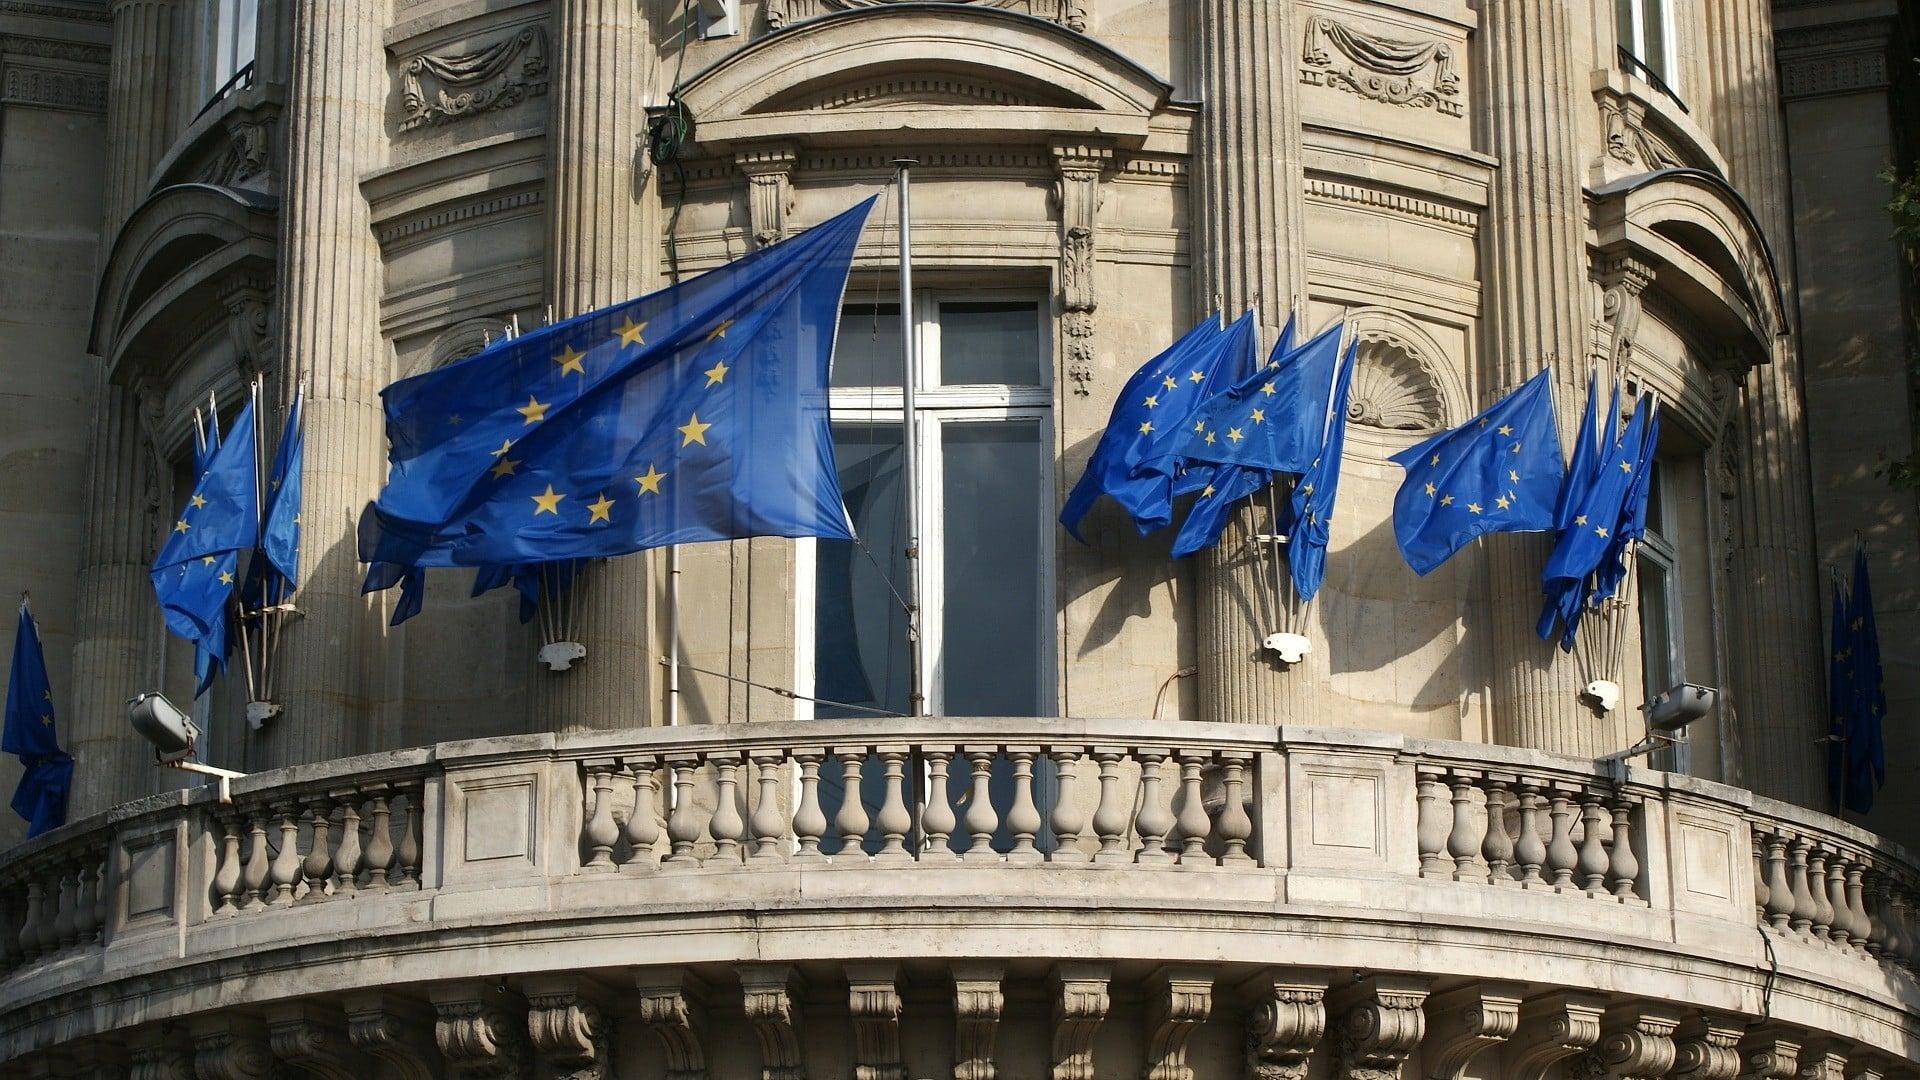 L'Europe ouvre-t-elle la porte à la surveillance biométrique de masse ?